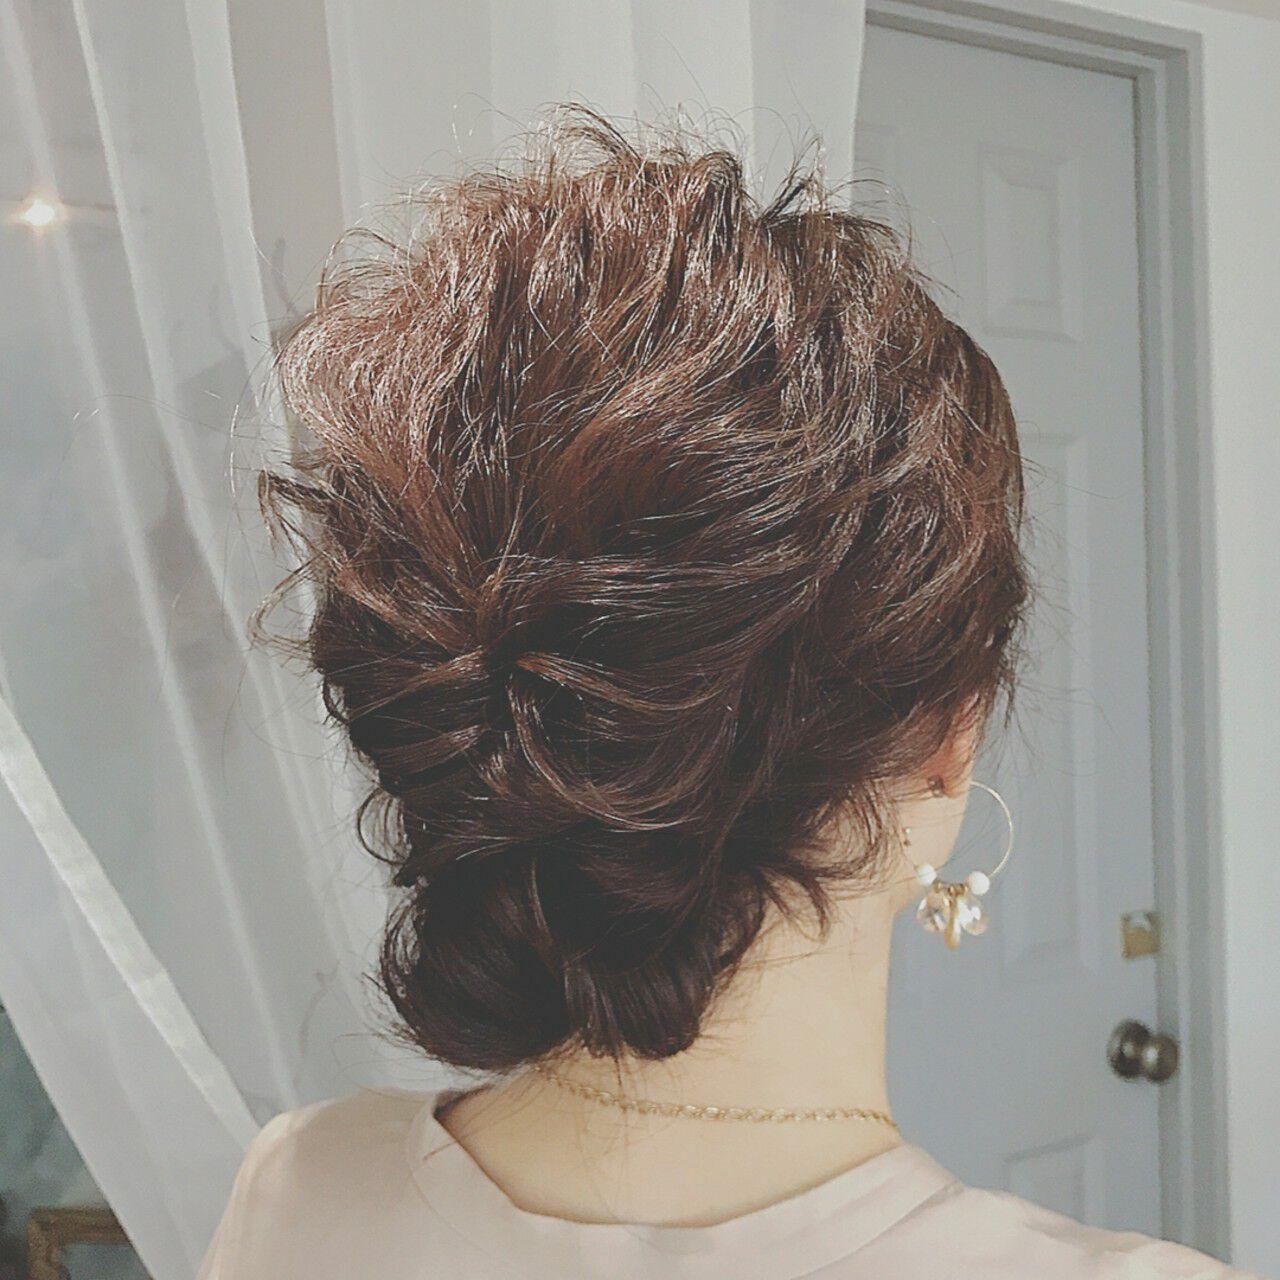 大人かわいい ミディアム パーティ ゆるふわヘアスタイルや髪型の写真・画像